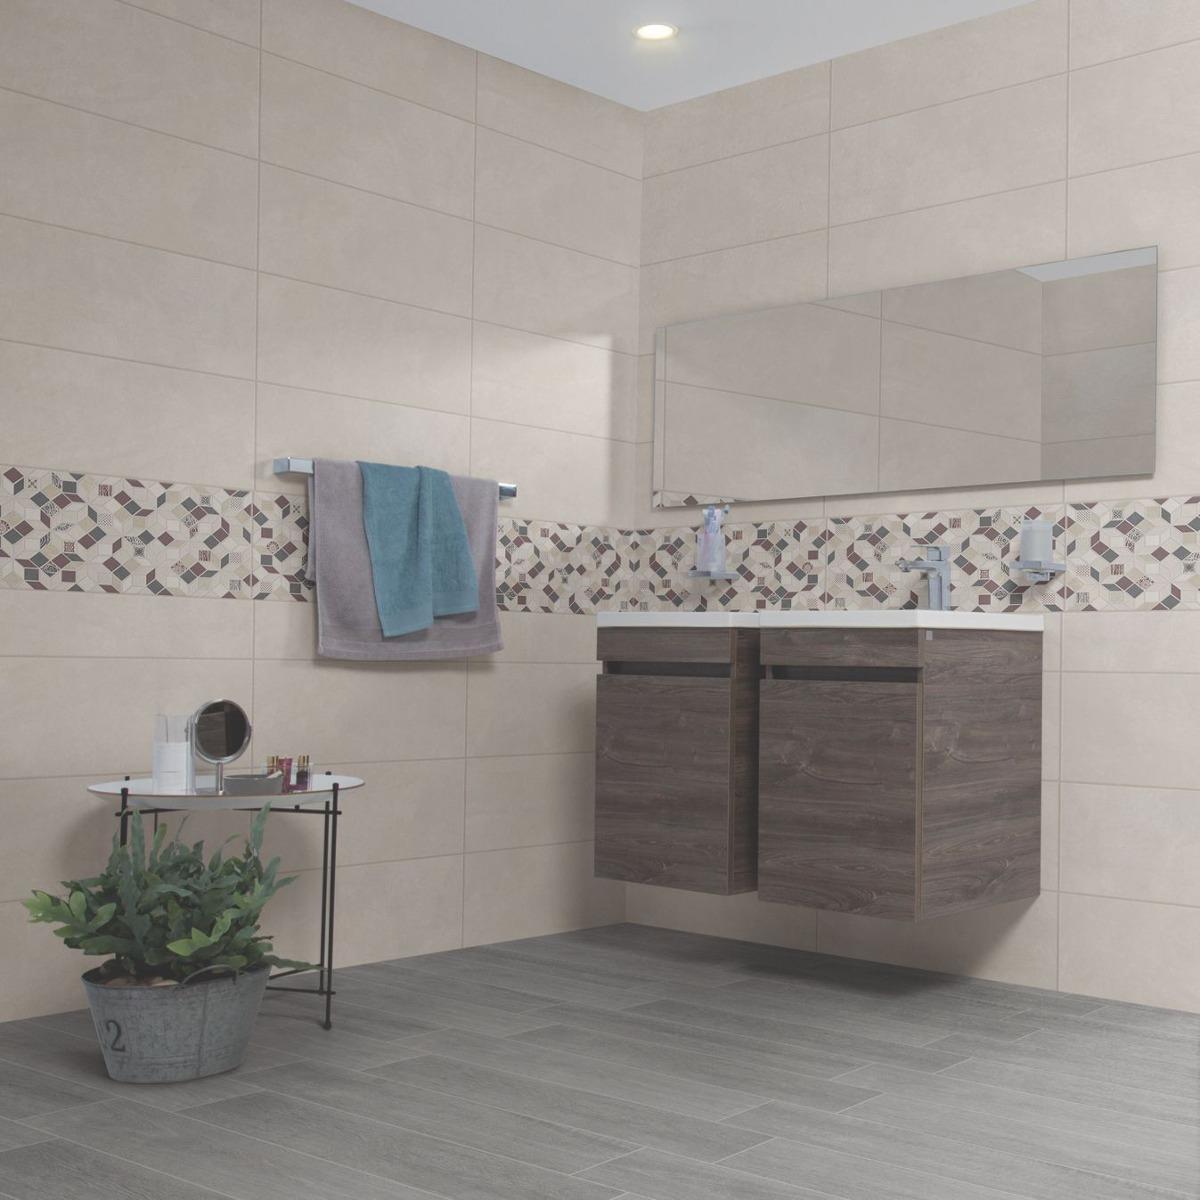 32fe71acad3e5 corona base cerámica decorada para baño y cocina artemi acu. Cargando zoom.